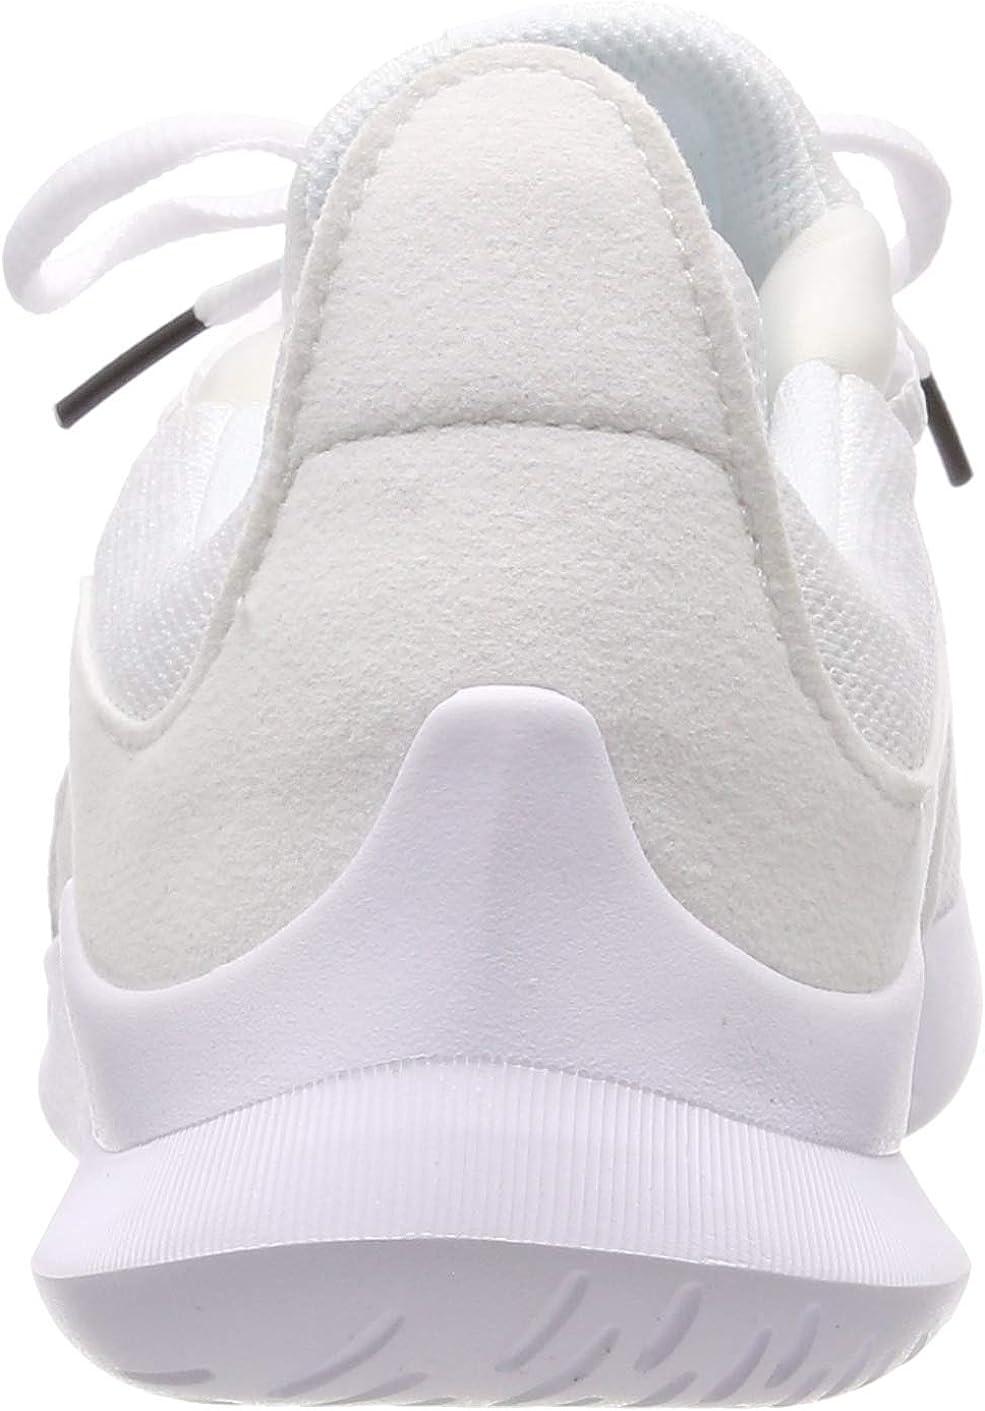 Nike Men's Viale Running Shoes White White Black 100